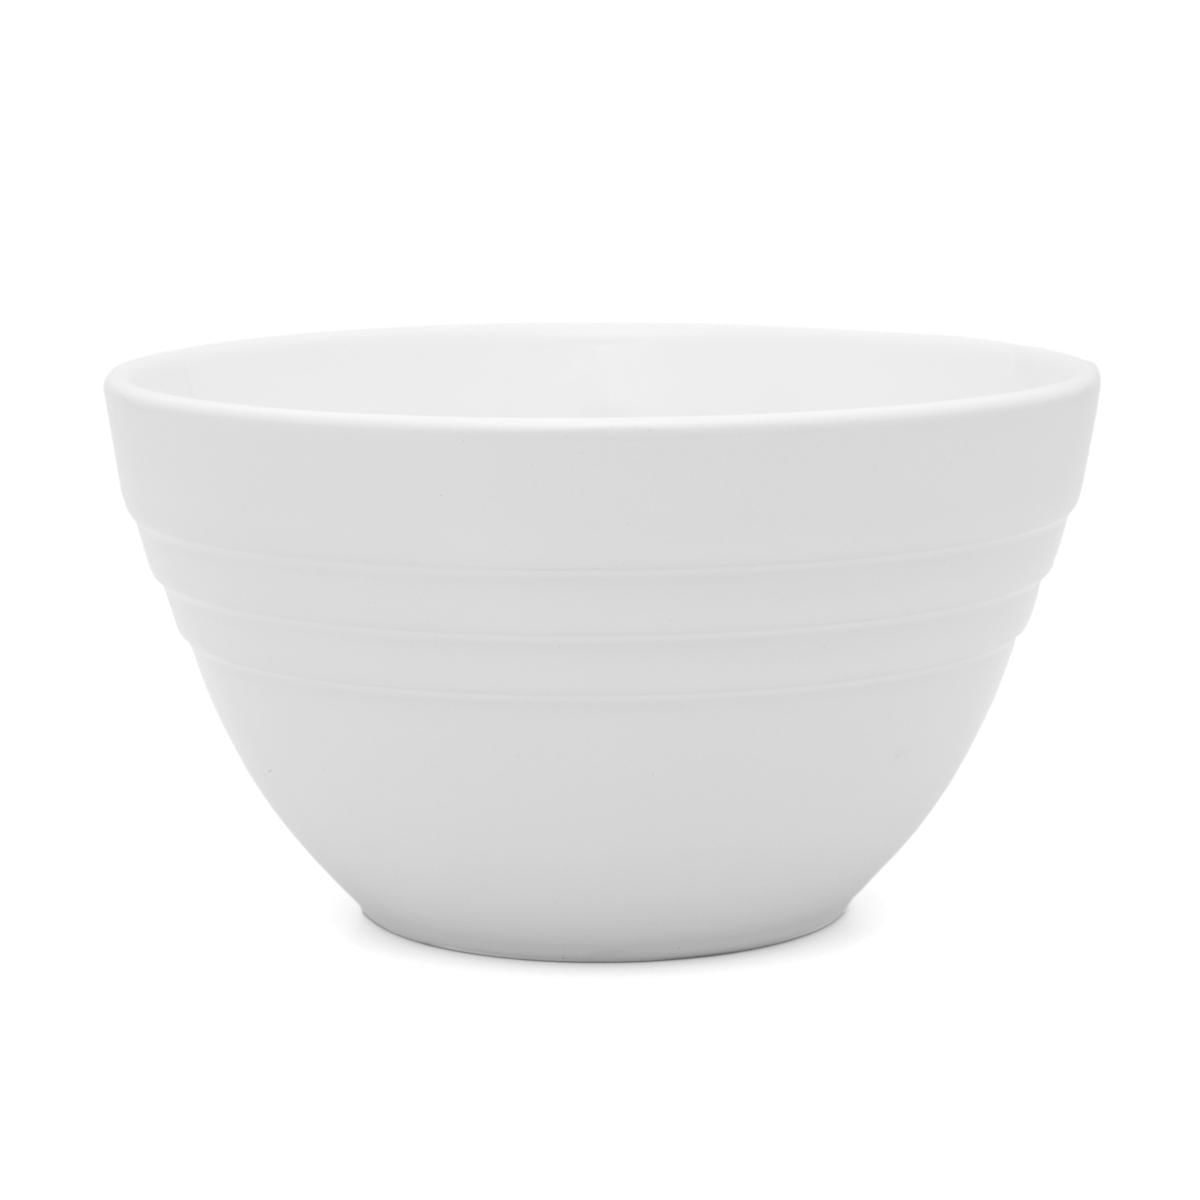 Bowl Multi Médio 1,2 Litro Branco Le Creuset